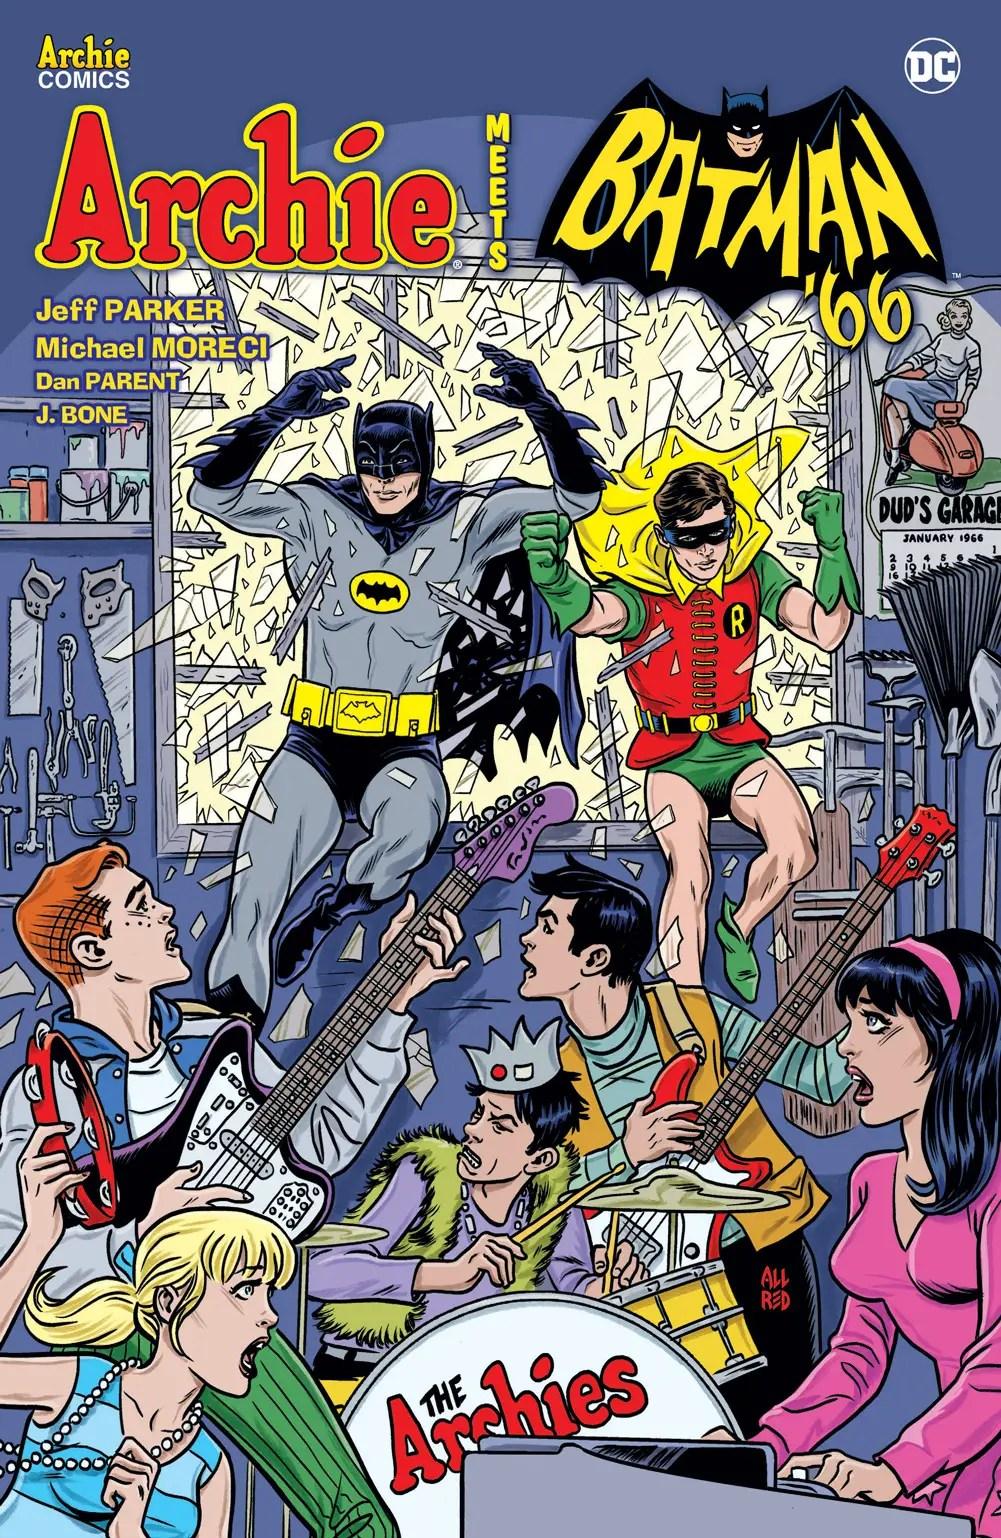 'Archie Meets Batman '66' TPB Review